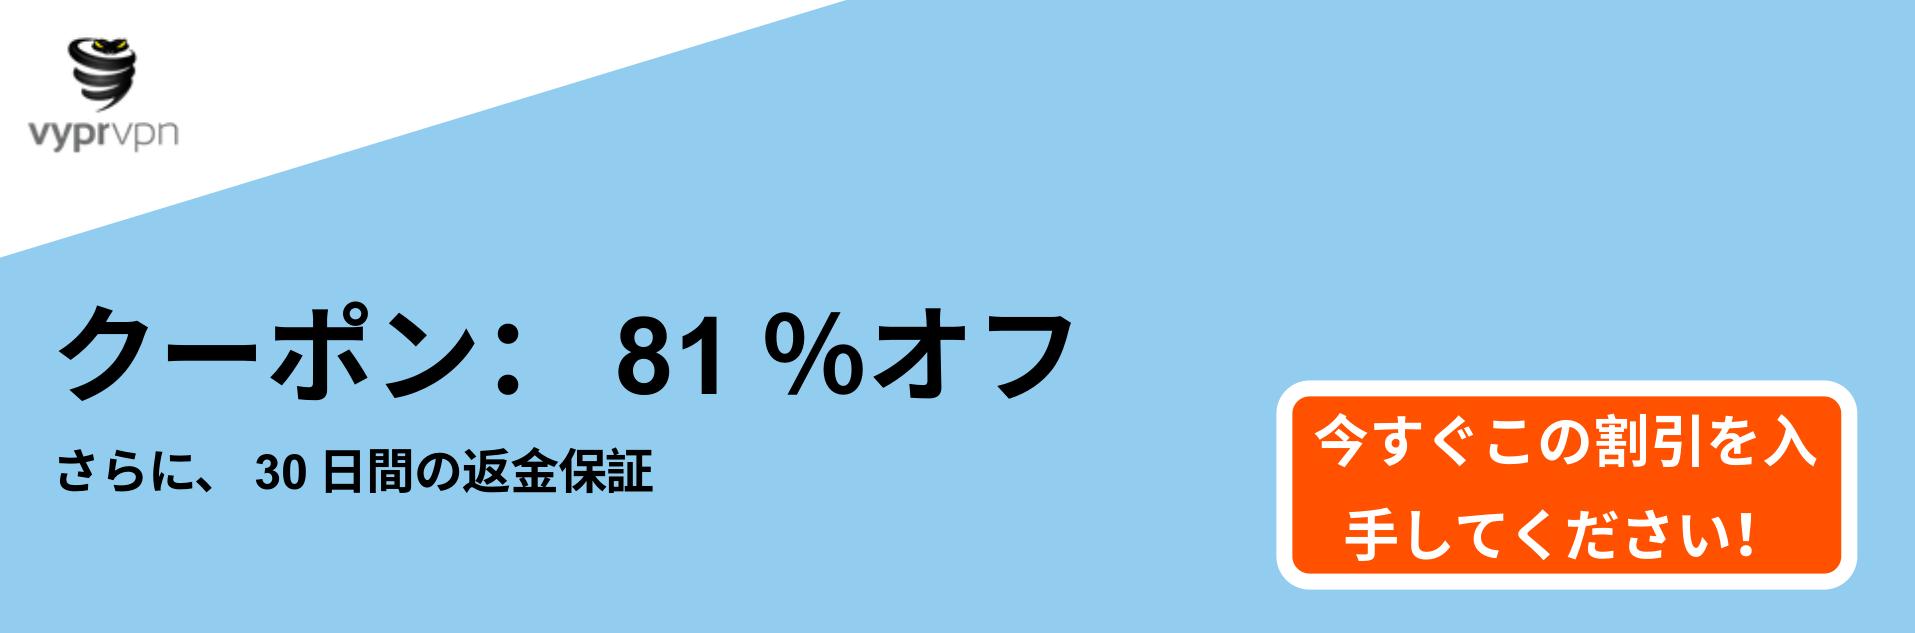 Vypr VPNクーポンバナー-81%オフ